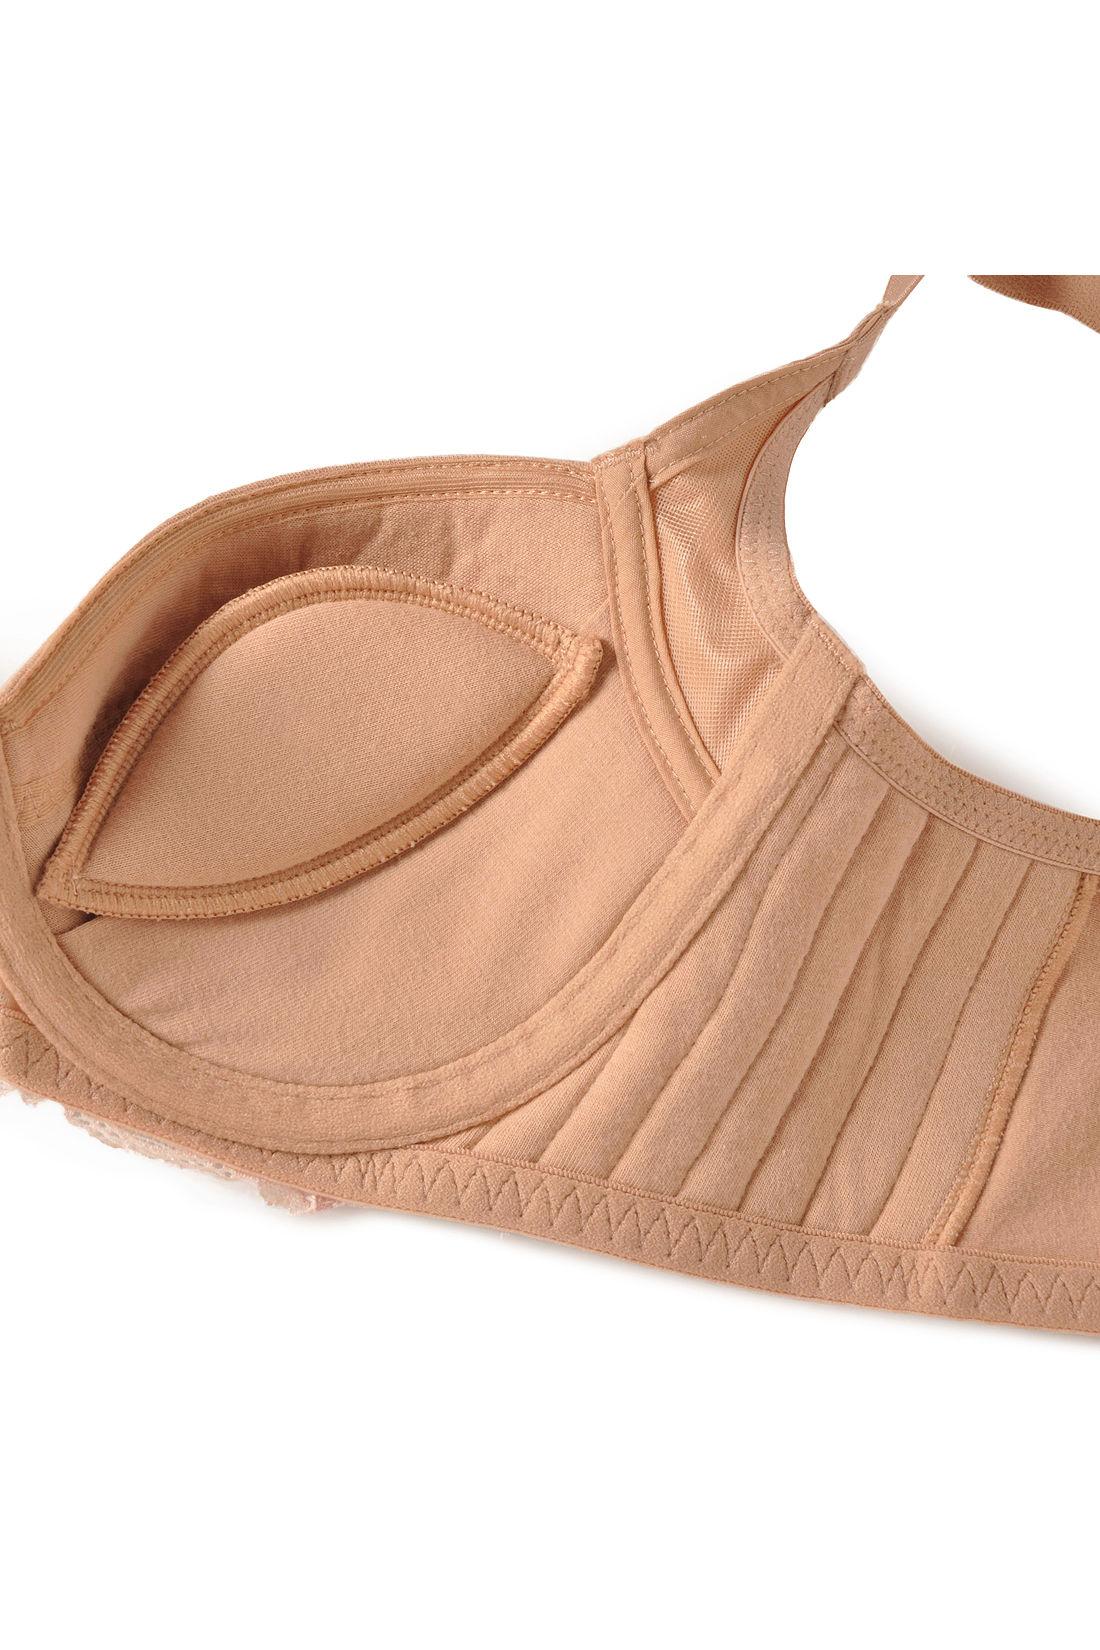 「二の胸ガードパネル」がしっかりと寄せて、はみ出しをガード! たくさんのステッチが入ったサイドパネルで、わきや背中へのお肉流れをガード。